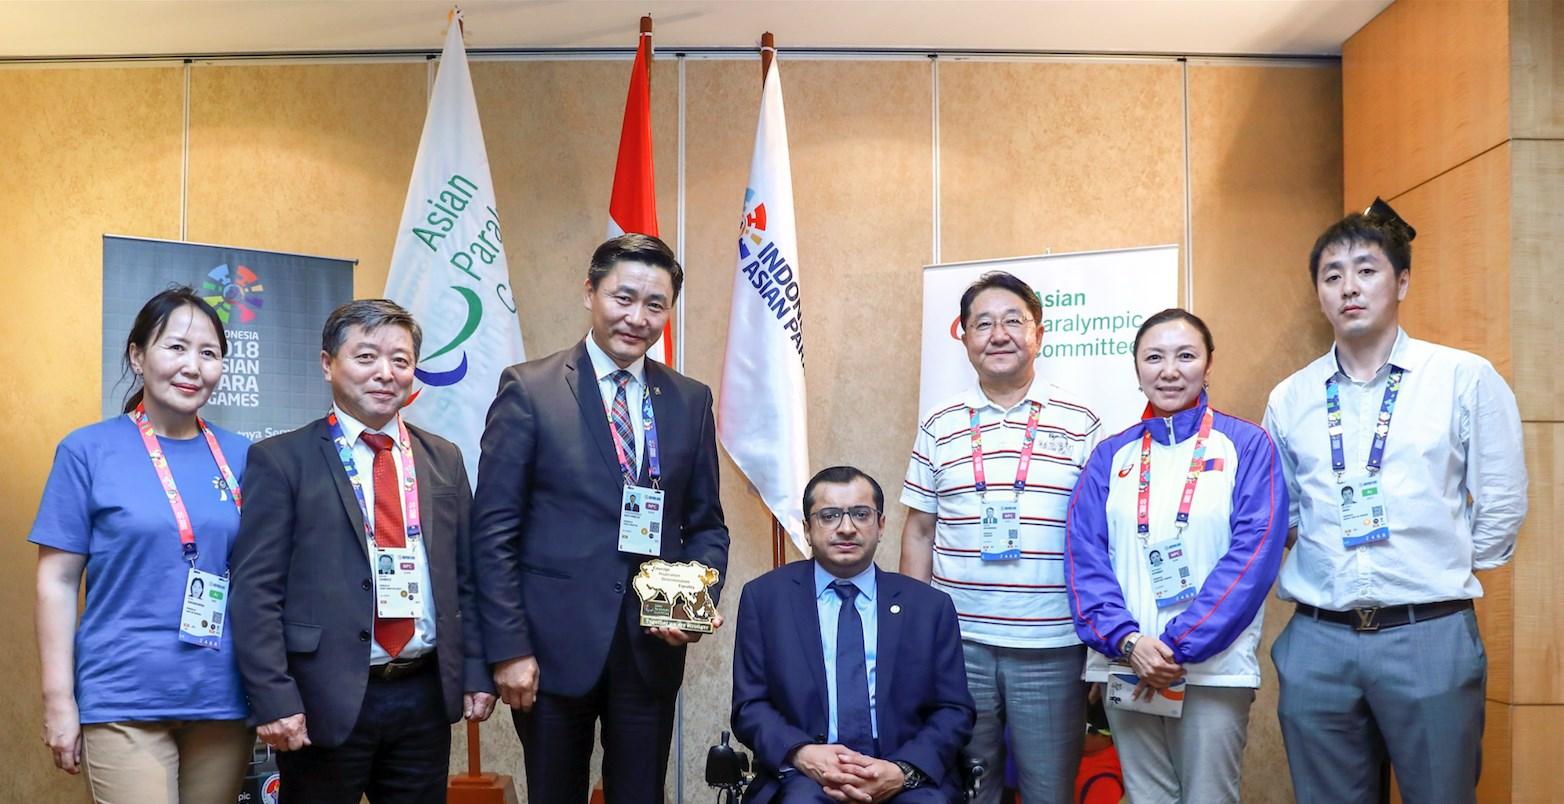 УИХ-ын гишүүн, НББСШУБХ-ны дарга Ё.Баатарбилэг Азийн паралимпийн хорооны ерөнхийлөгч Мажид Рашидтай уулзав